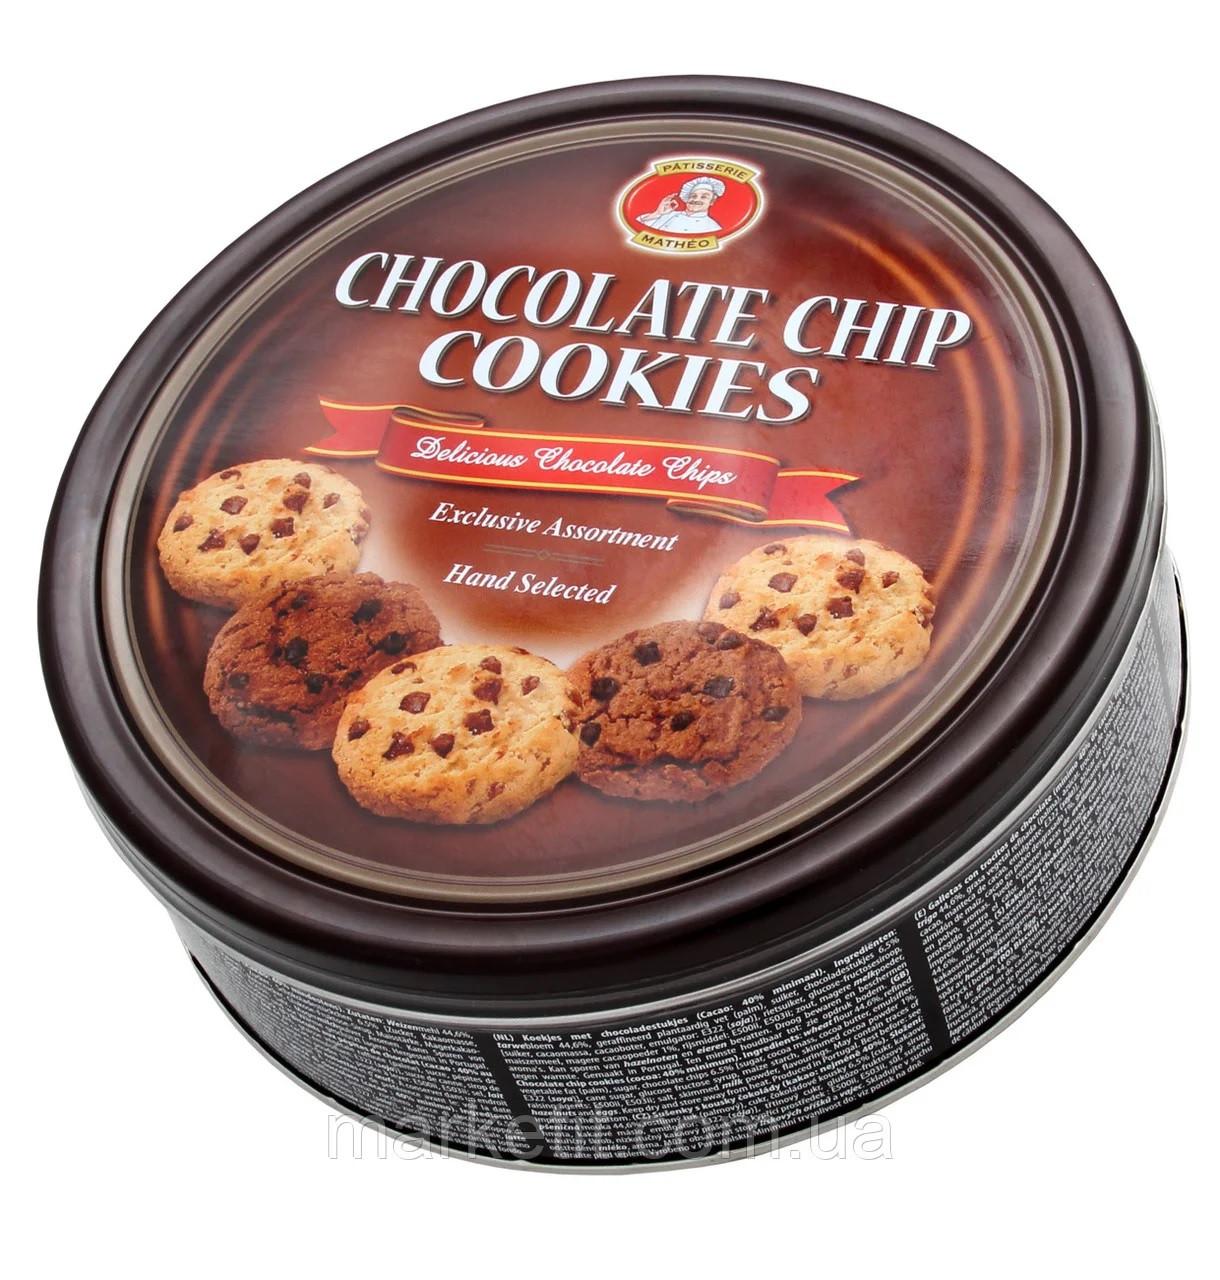 Печенье песочное Chocolate Chip Cookies Patisserie Matheo в ж/б 454 г Австрия